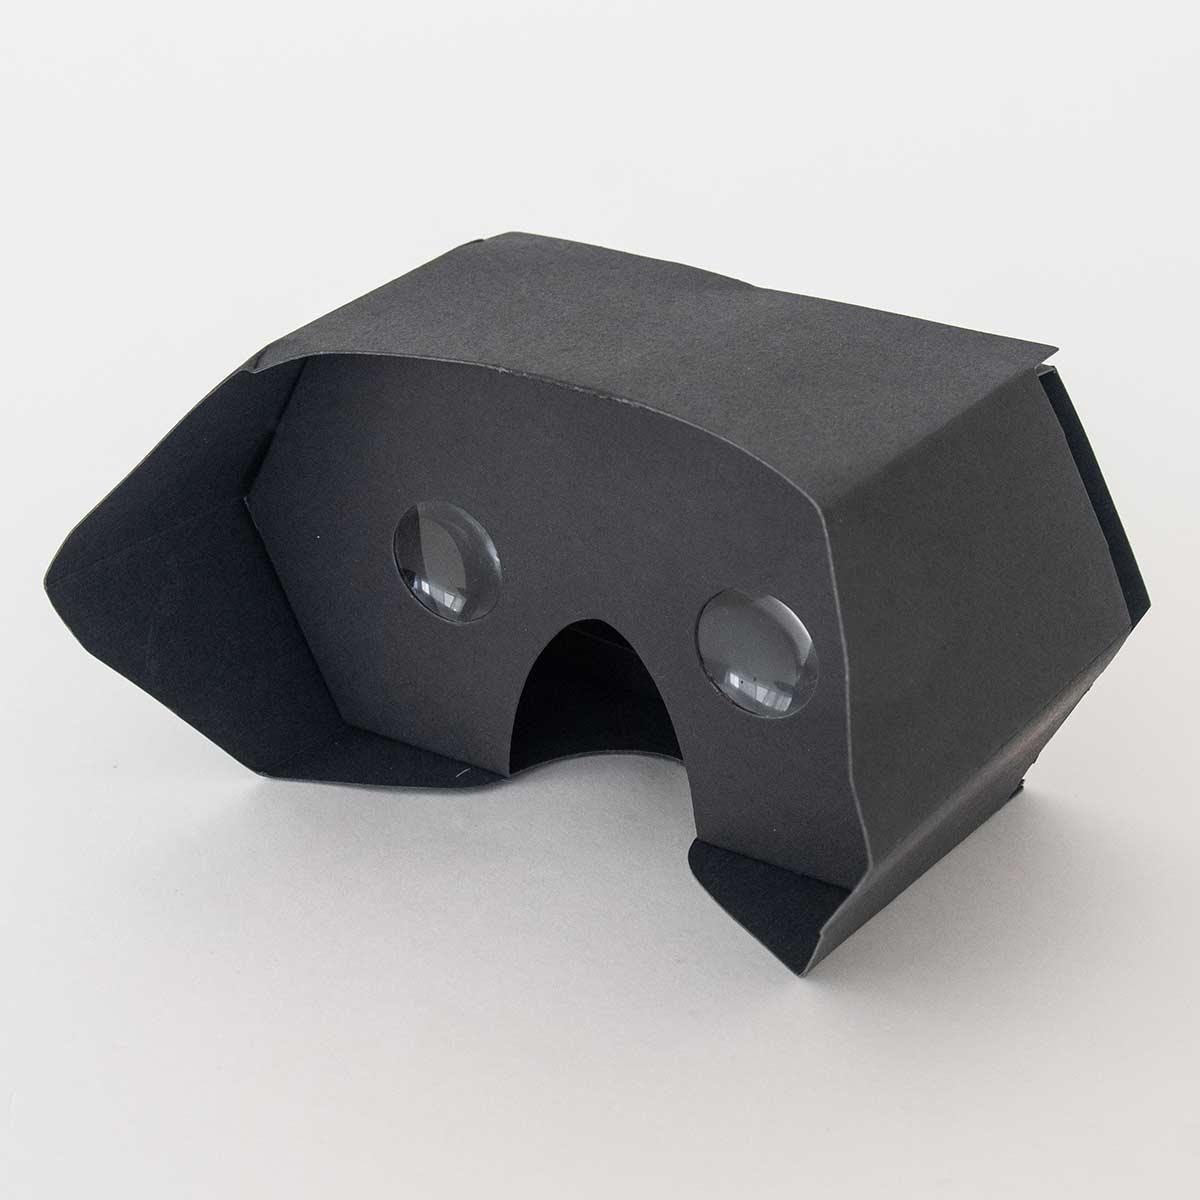 Juerg_Siegrist_AG_VR_Brillen_Cardboard_02